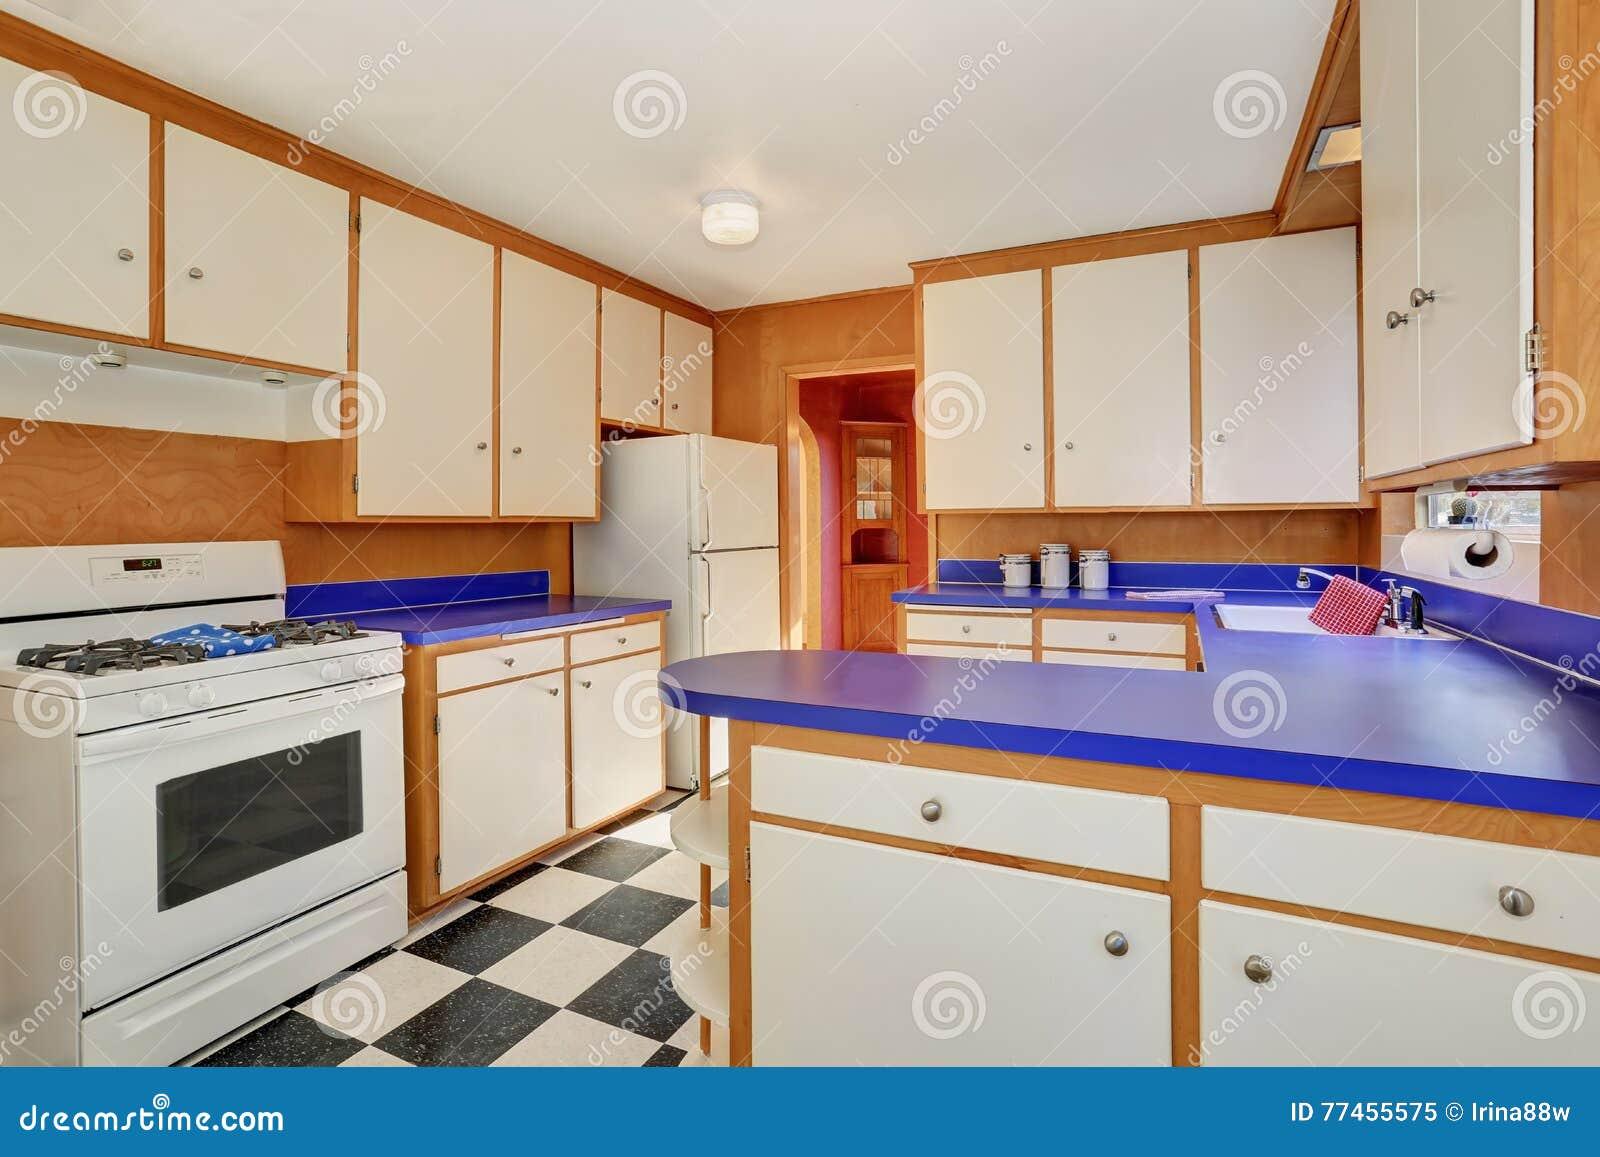 Plan De Travail Bleu intérieur classique de pièce de cuisine avec les coffrets